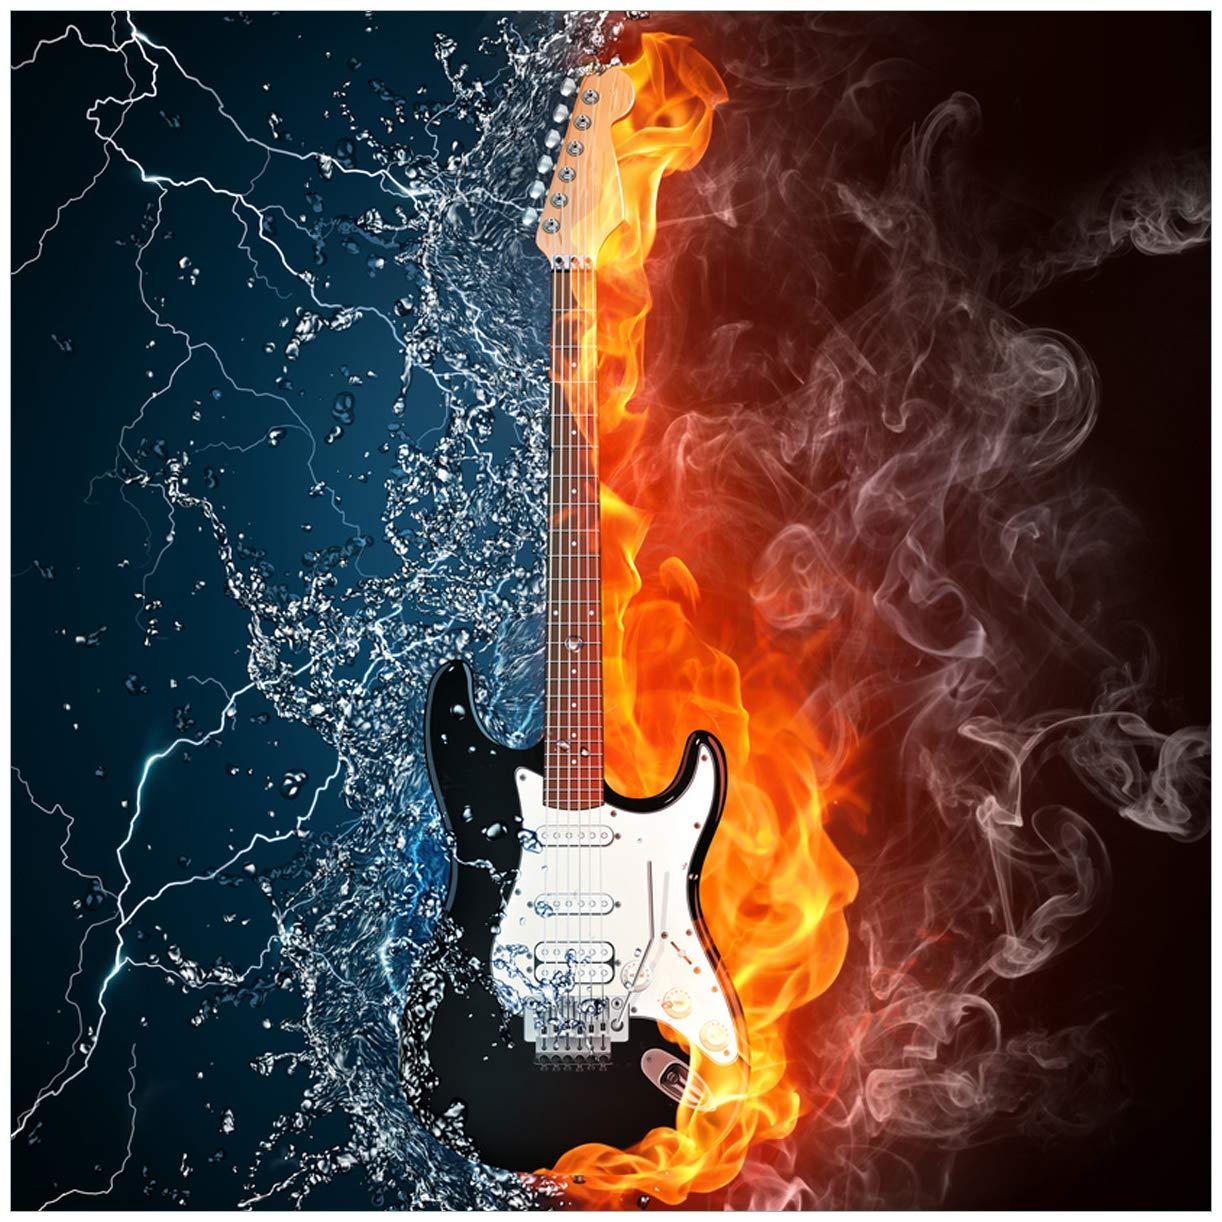 Cuadro de fuego-agua-guitarra eléctrica - 50 x 50 cm en Premium ...